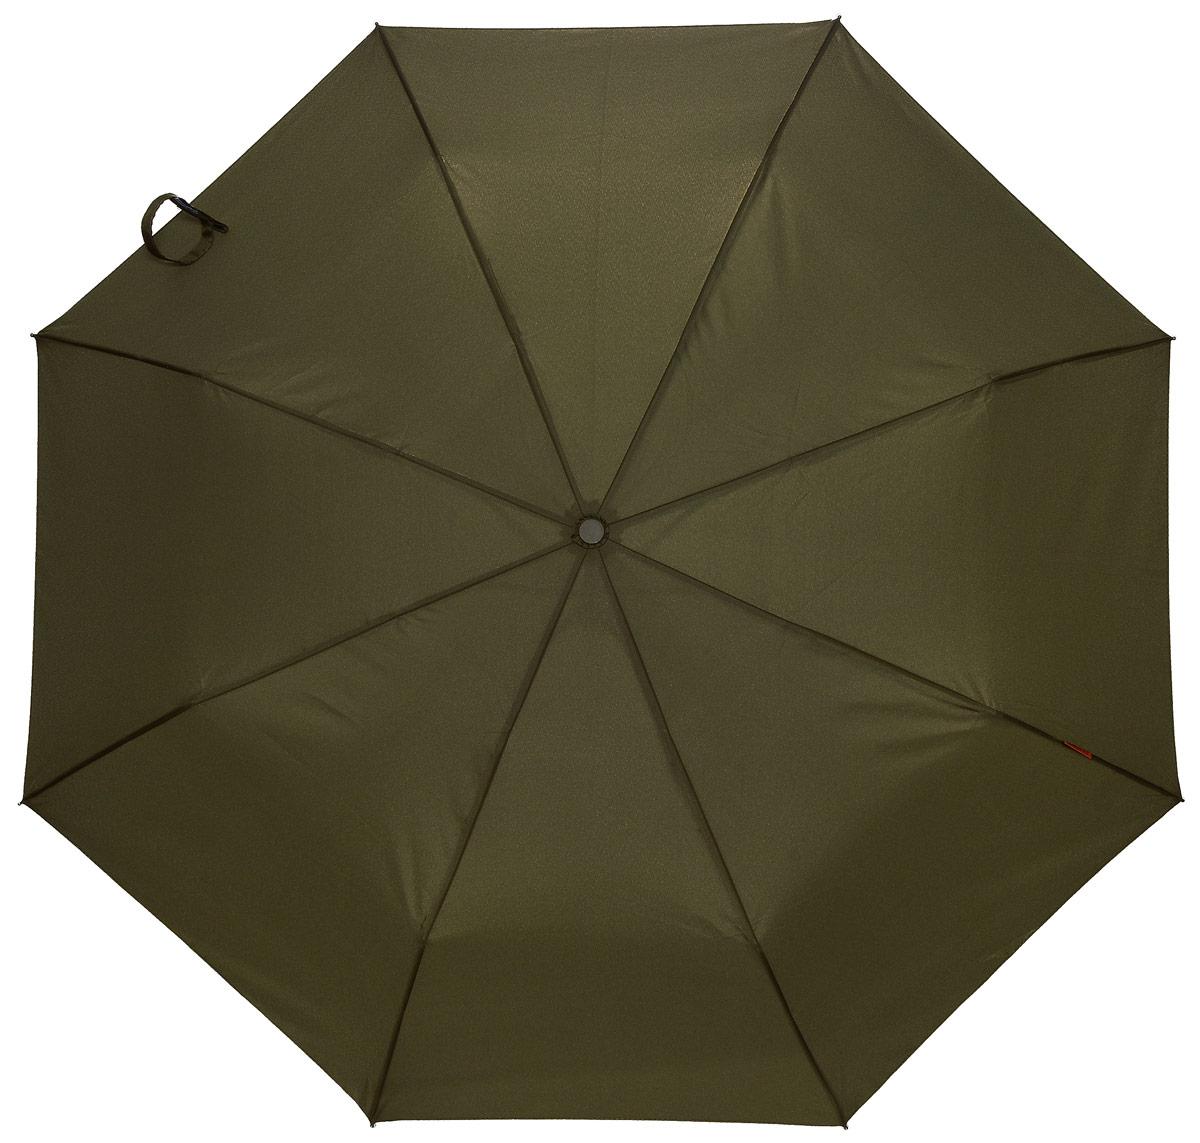 Bisetti 3264-2 Зонт полный автом. 3 сл. муж.3264-2Зонт испанского производителя Clima. В производстве зонтов используются современные материалы, что делает зонты легкими, но в то же время крепкими.Полный автомат, 3 сложения, 8 спиц по 55см, полиэстер.